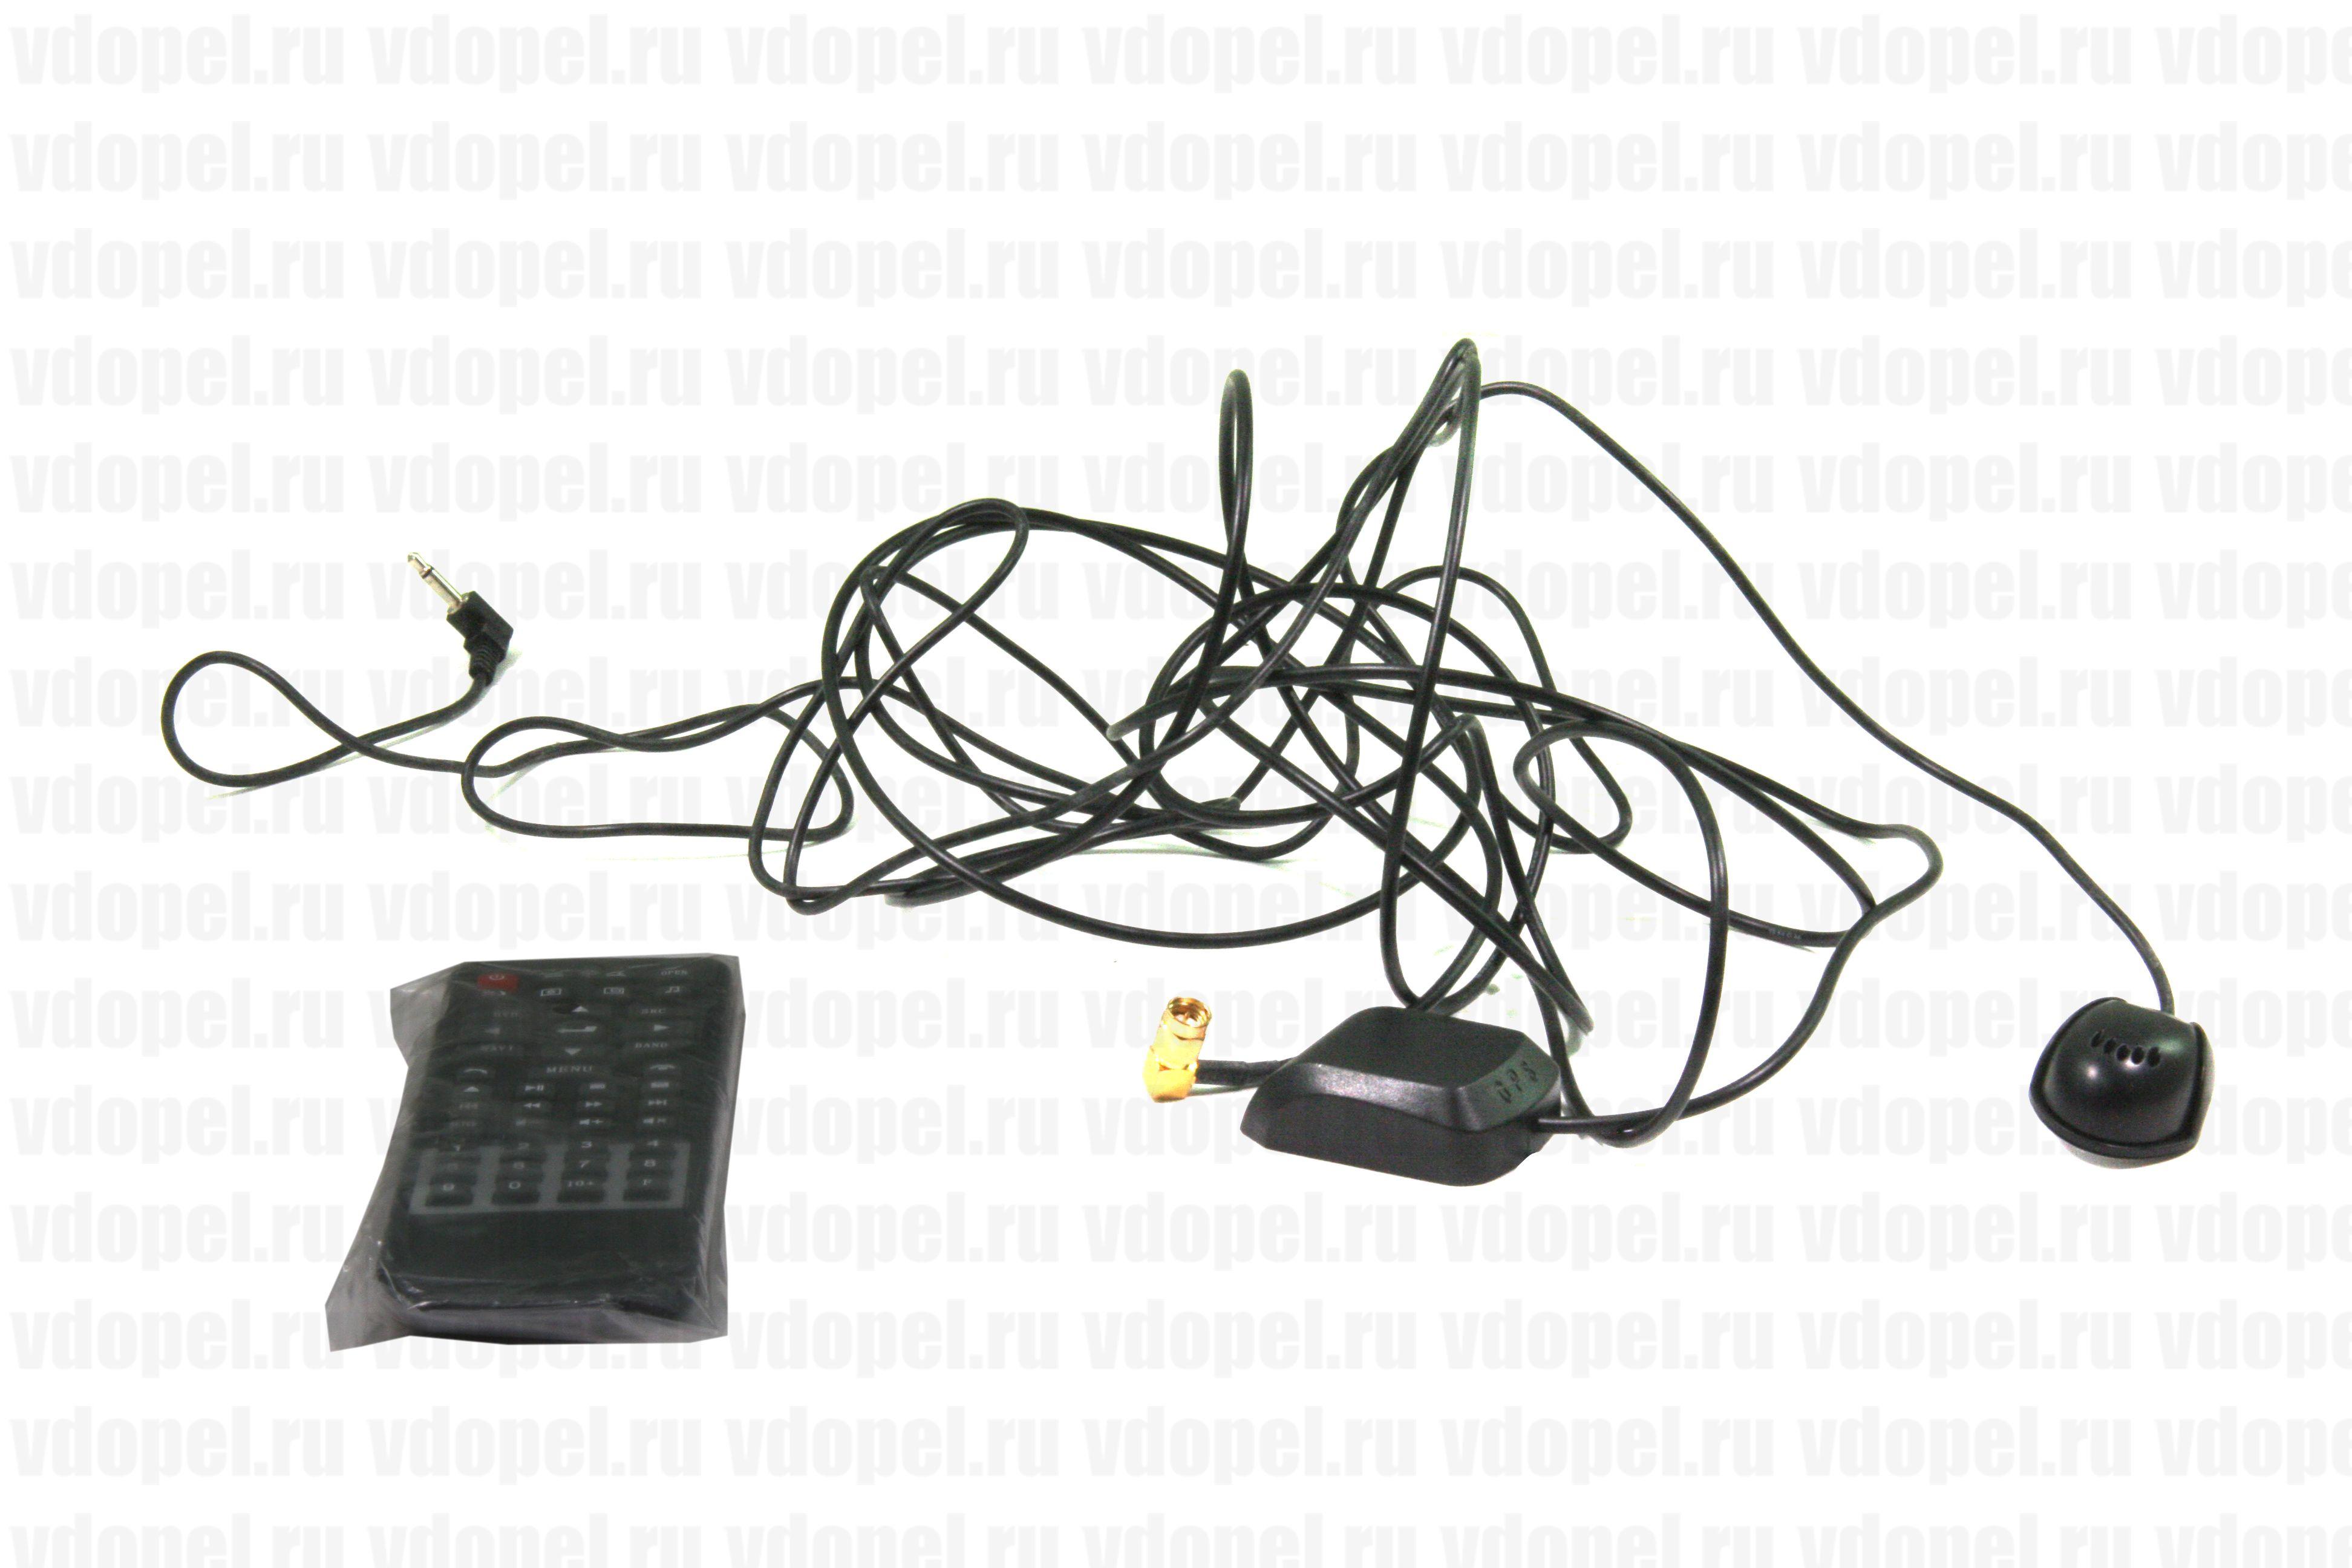 FlyAudio FA046NAVI  - Автомагнитола FlyAudio FA046NAVI Инсигния с навигацией (деталь на складе - доставка 1 день)